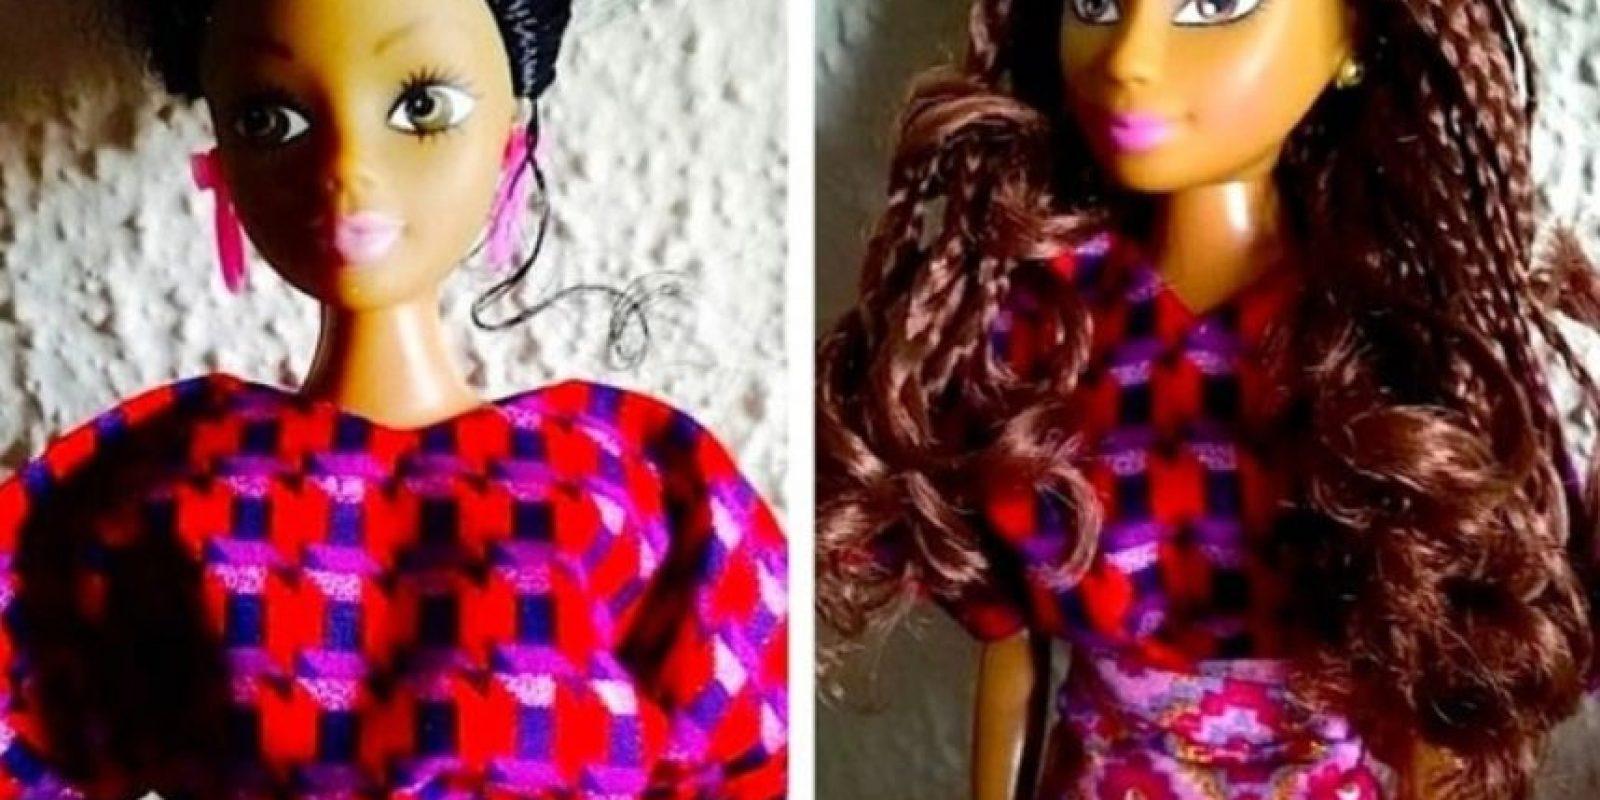 Sus colores de piel son diferentes a pesar de ser oscuros e incluyen trajes tradicionales africanos y modernos. También tienen consignas políticas. Foto:vía facebook.com/queensofafricablackdolls